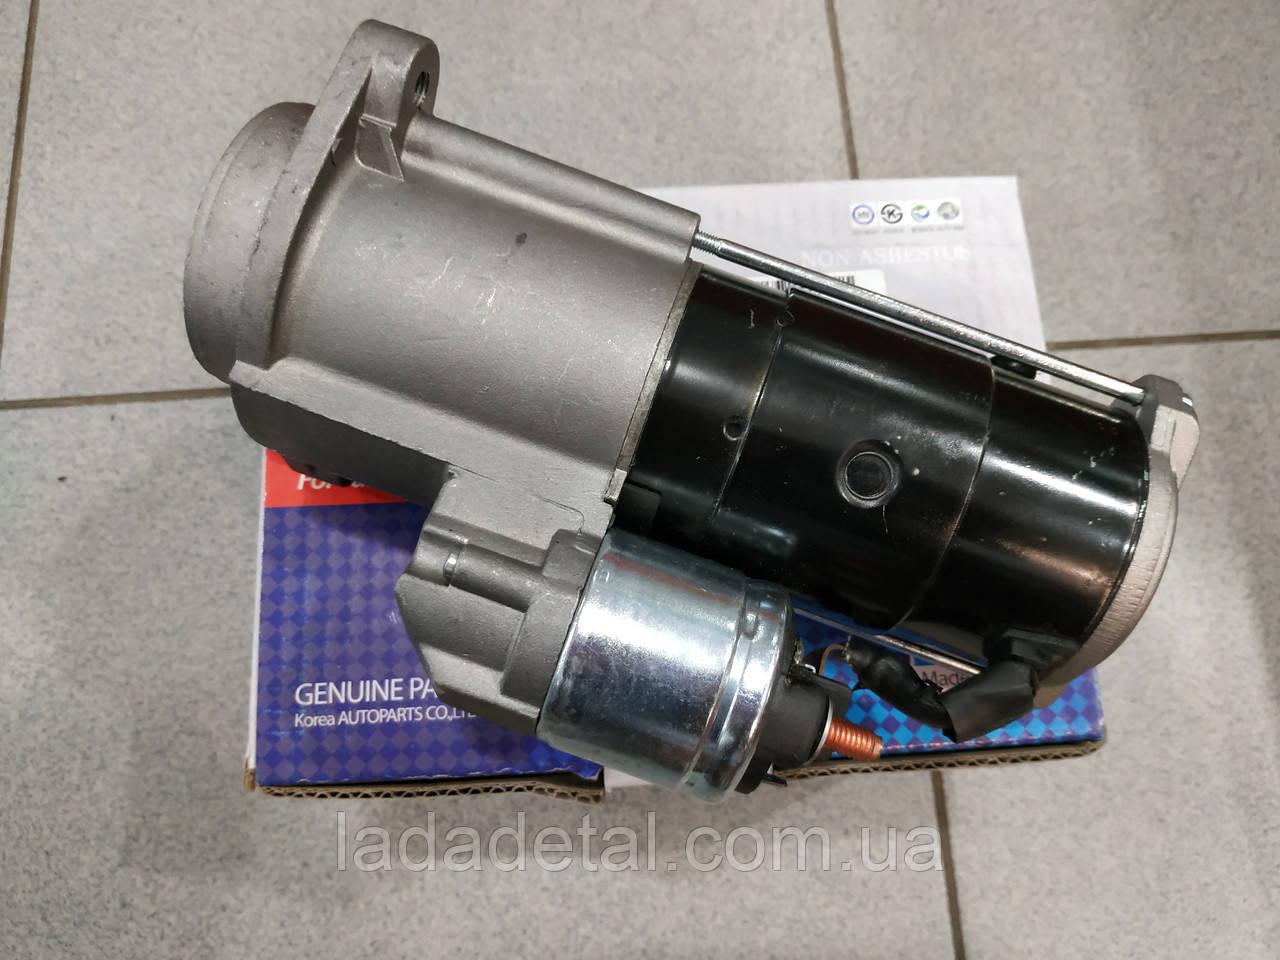 Стартер Соренто Sorento 2.5 CDR / KAP 36100-4A000